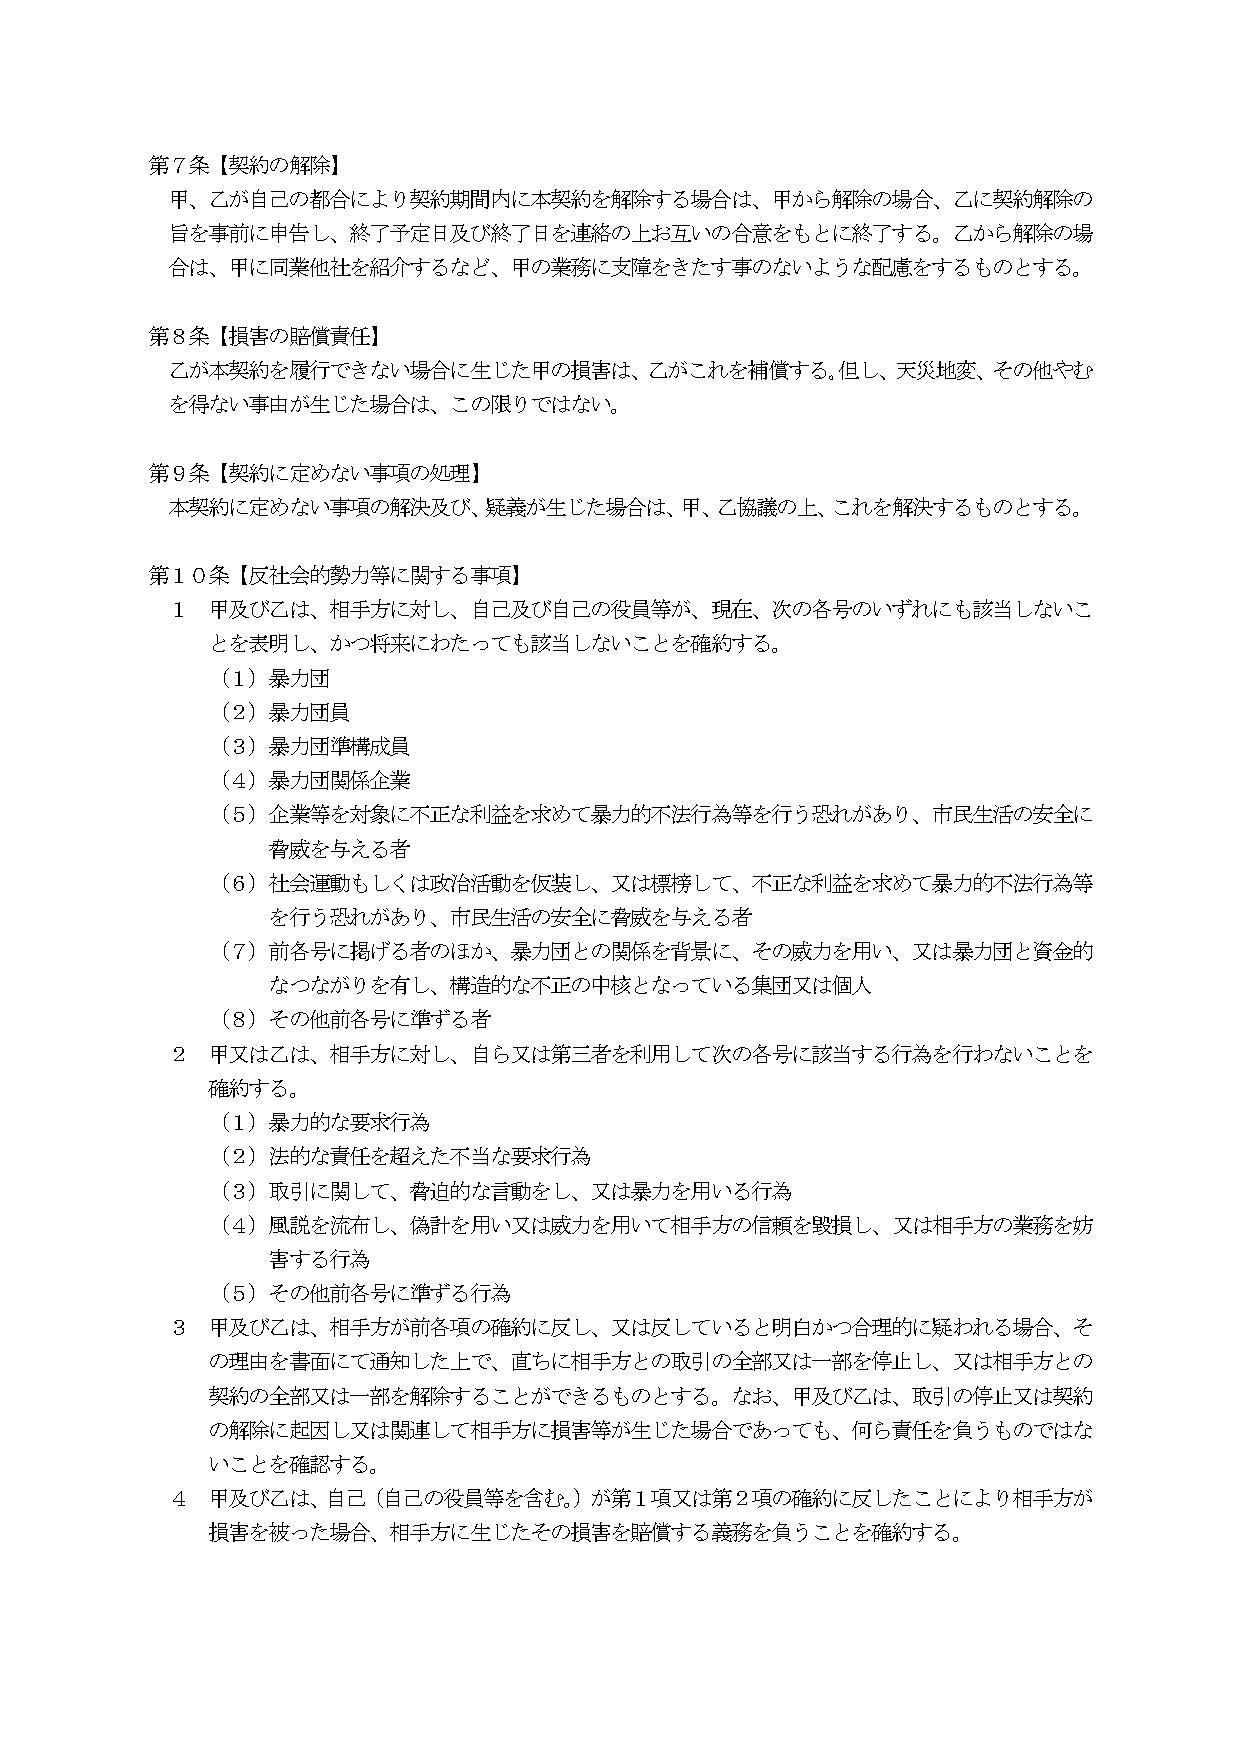 一般廃棄物処理委託契約書_雛形②